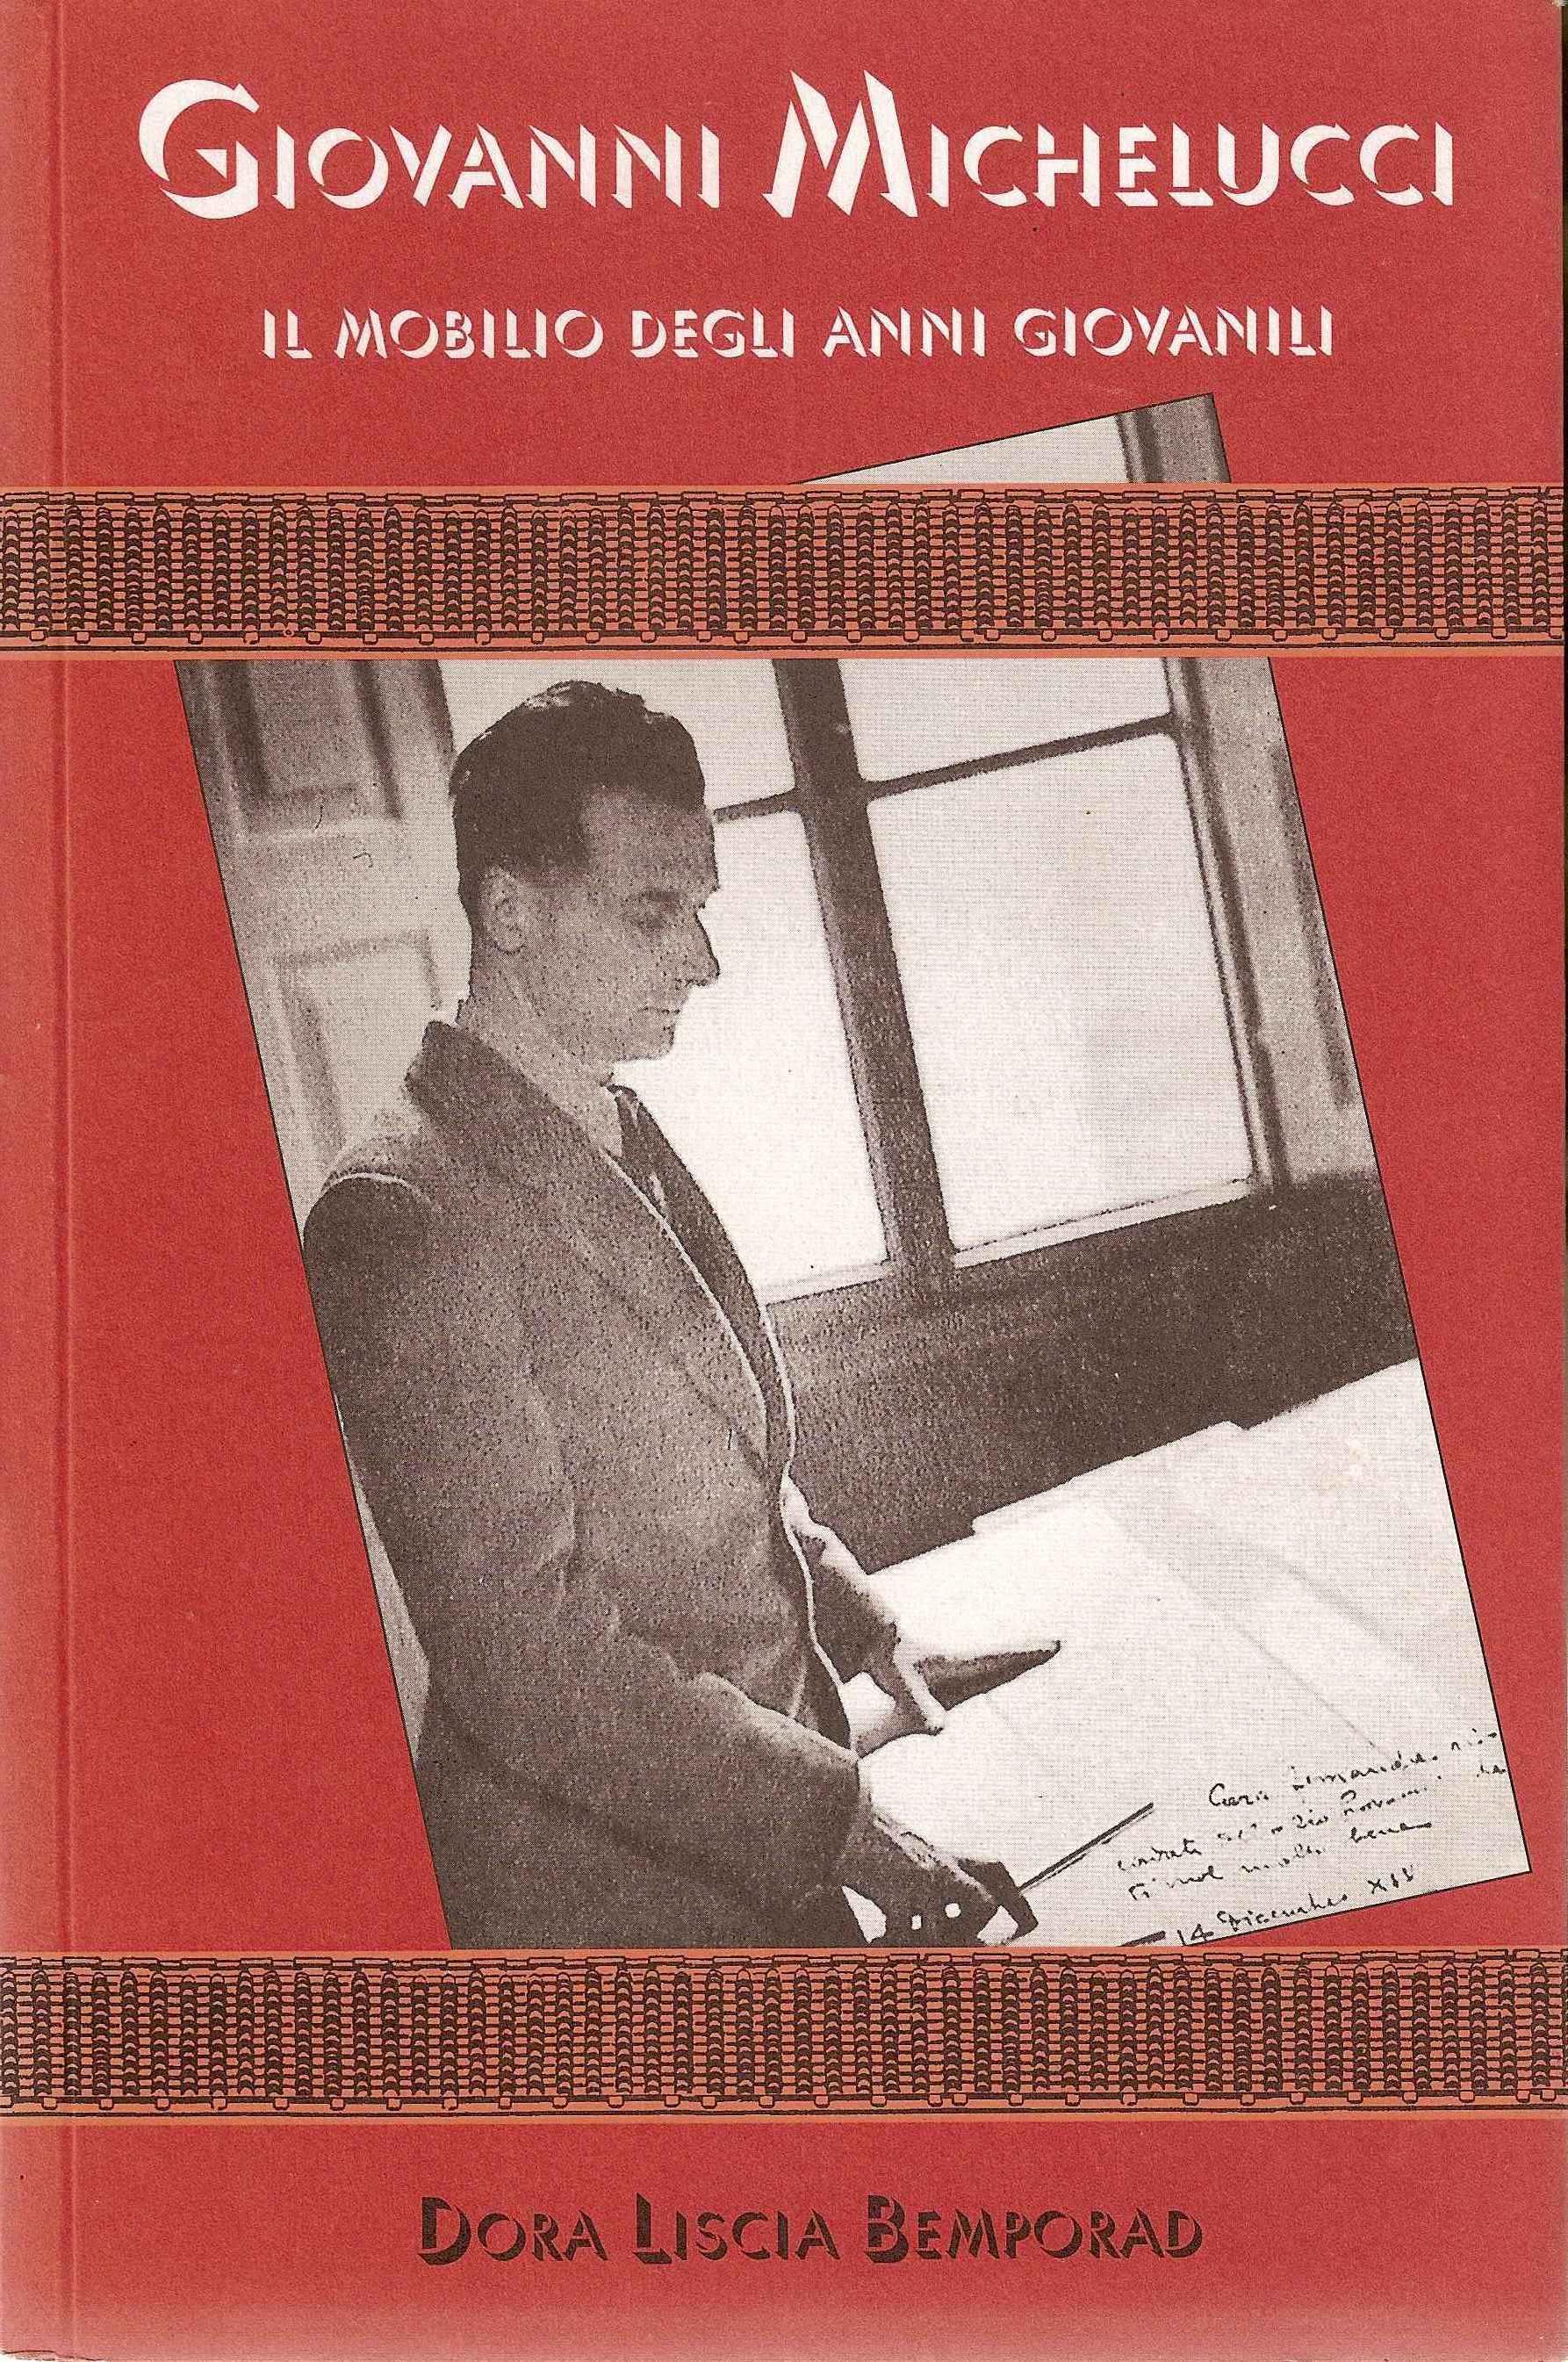 Giovanni Michelucci, il mobilio degli anni giovanili